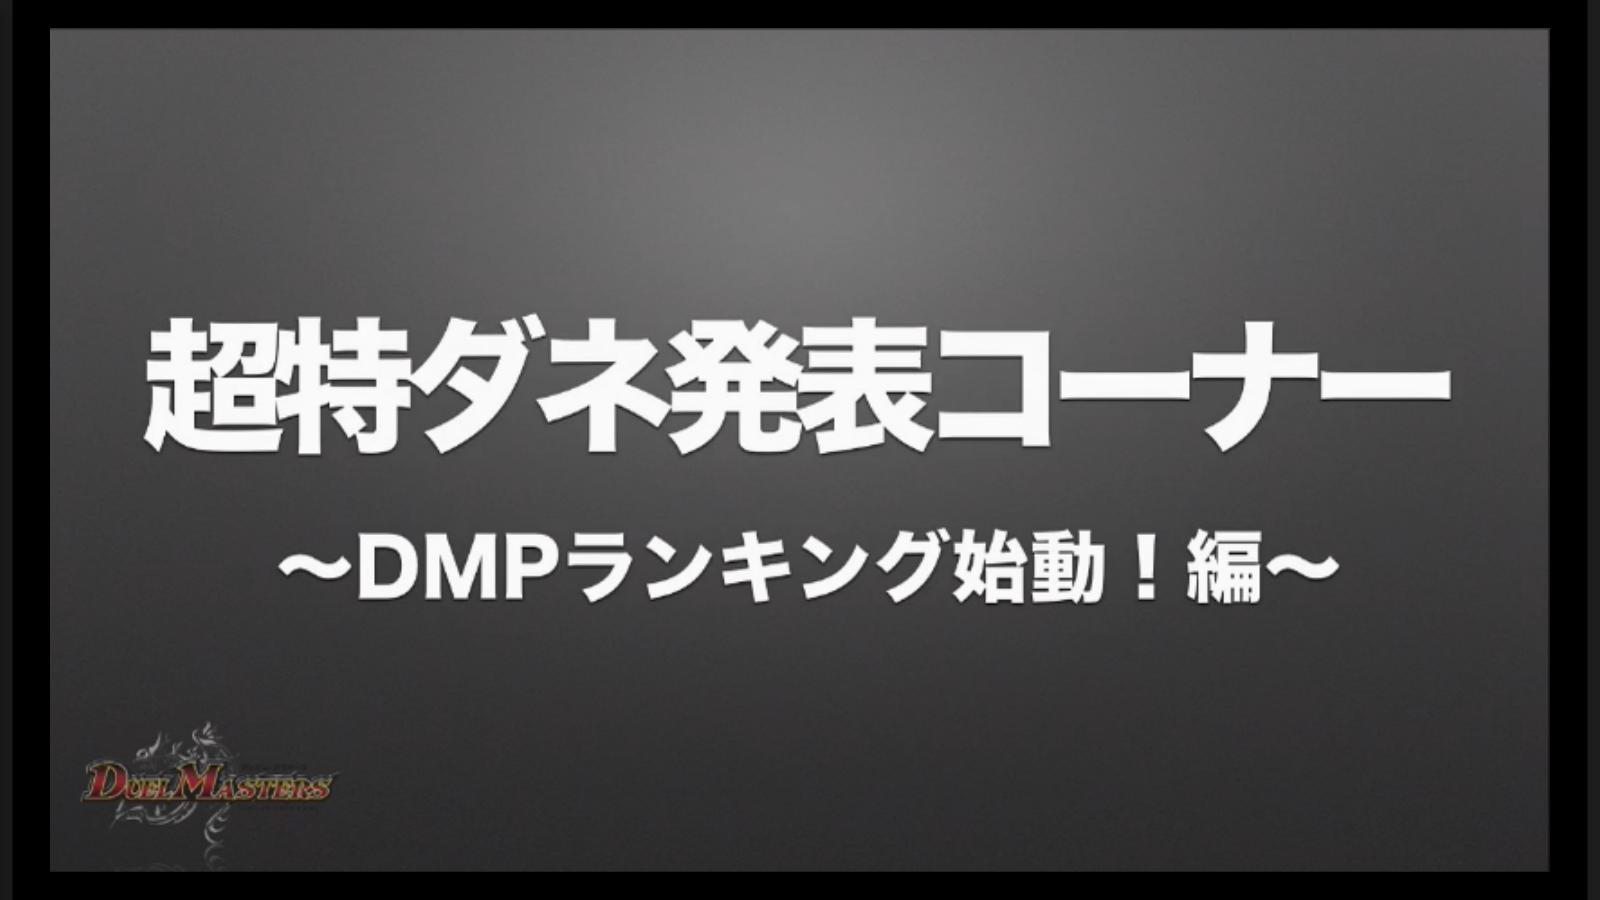 dm-kakumei-finalcup-news-170226-075.jpg